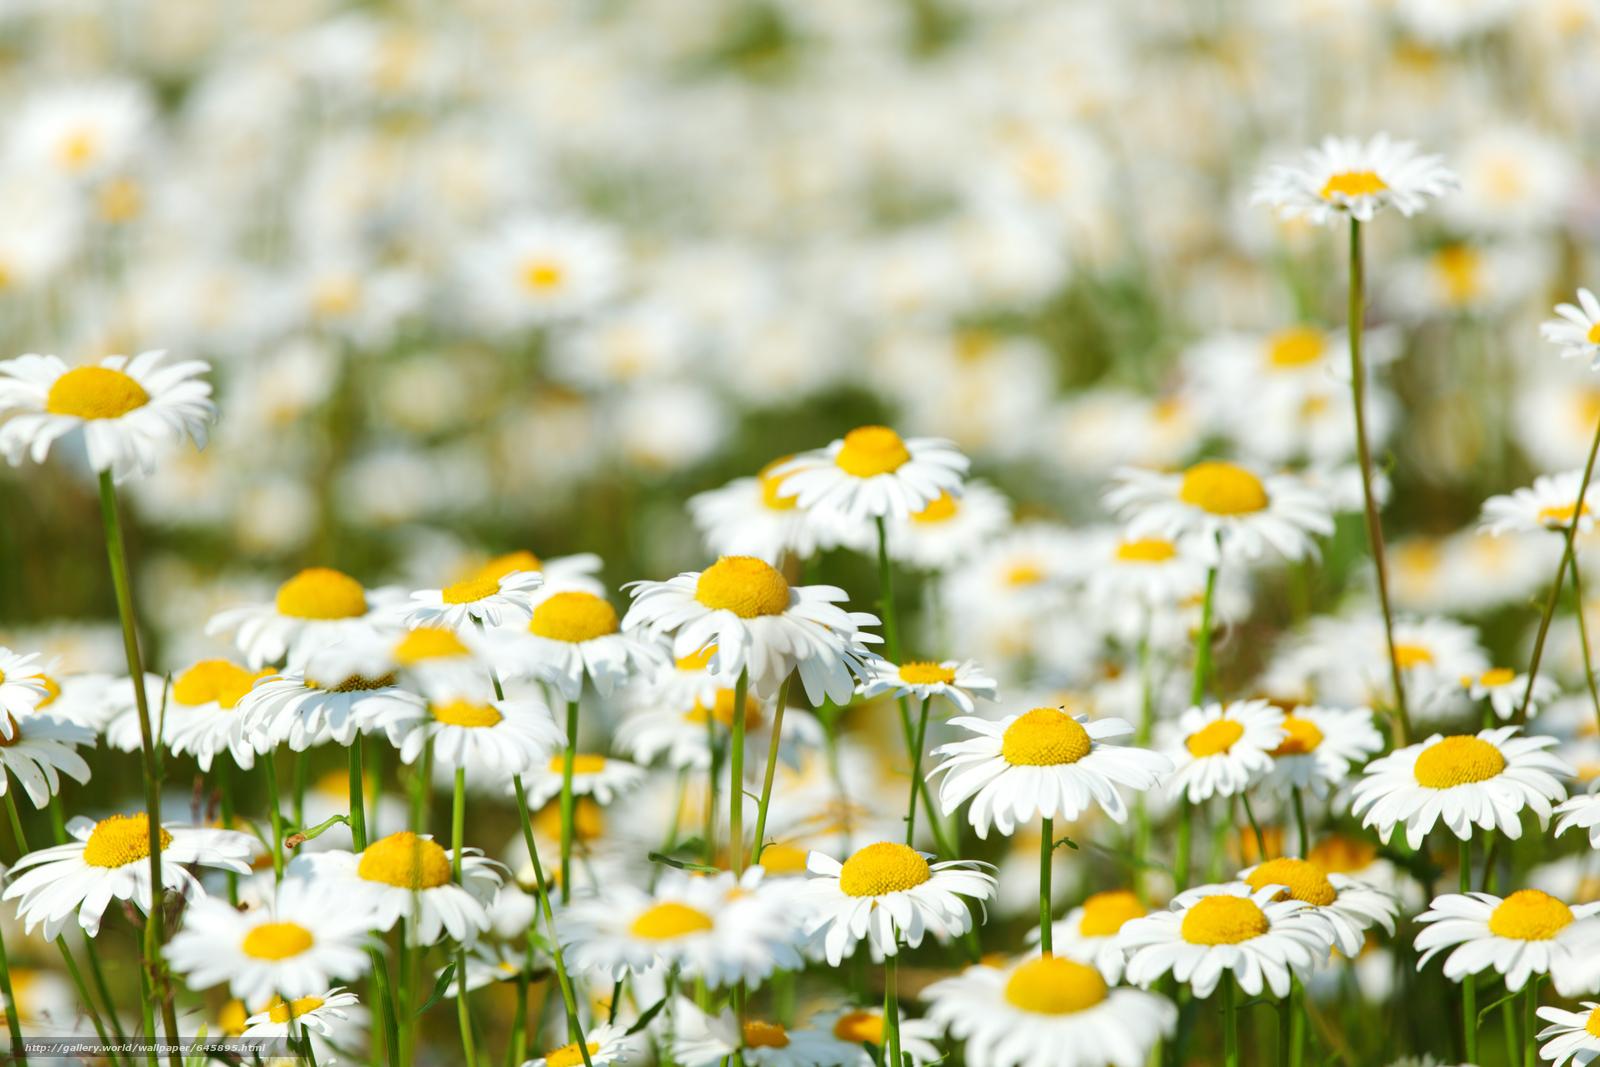 Скачать обои поле,  ромашки,  цветы,  флора бесплатно для рабочего стола в разрешении 5616x3744 — картинка №645895